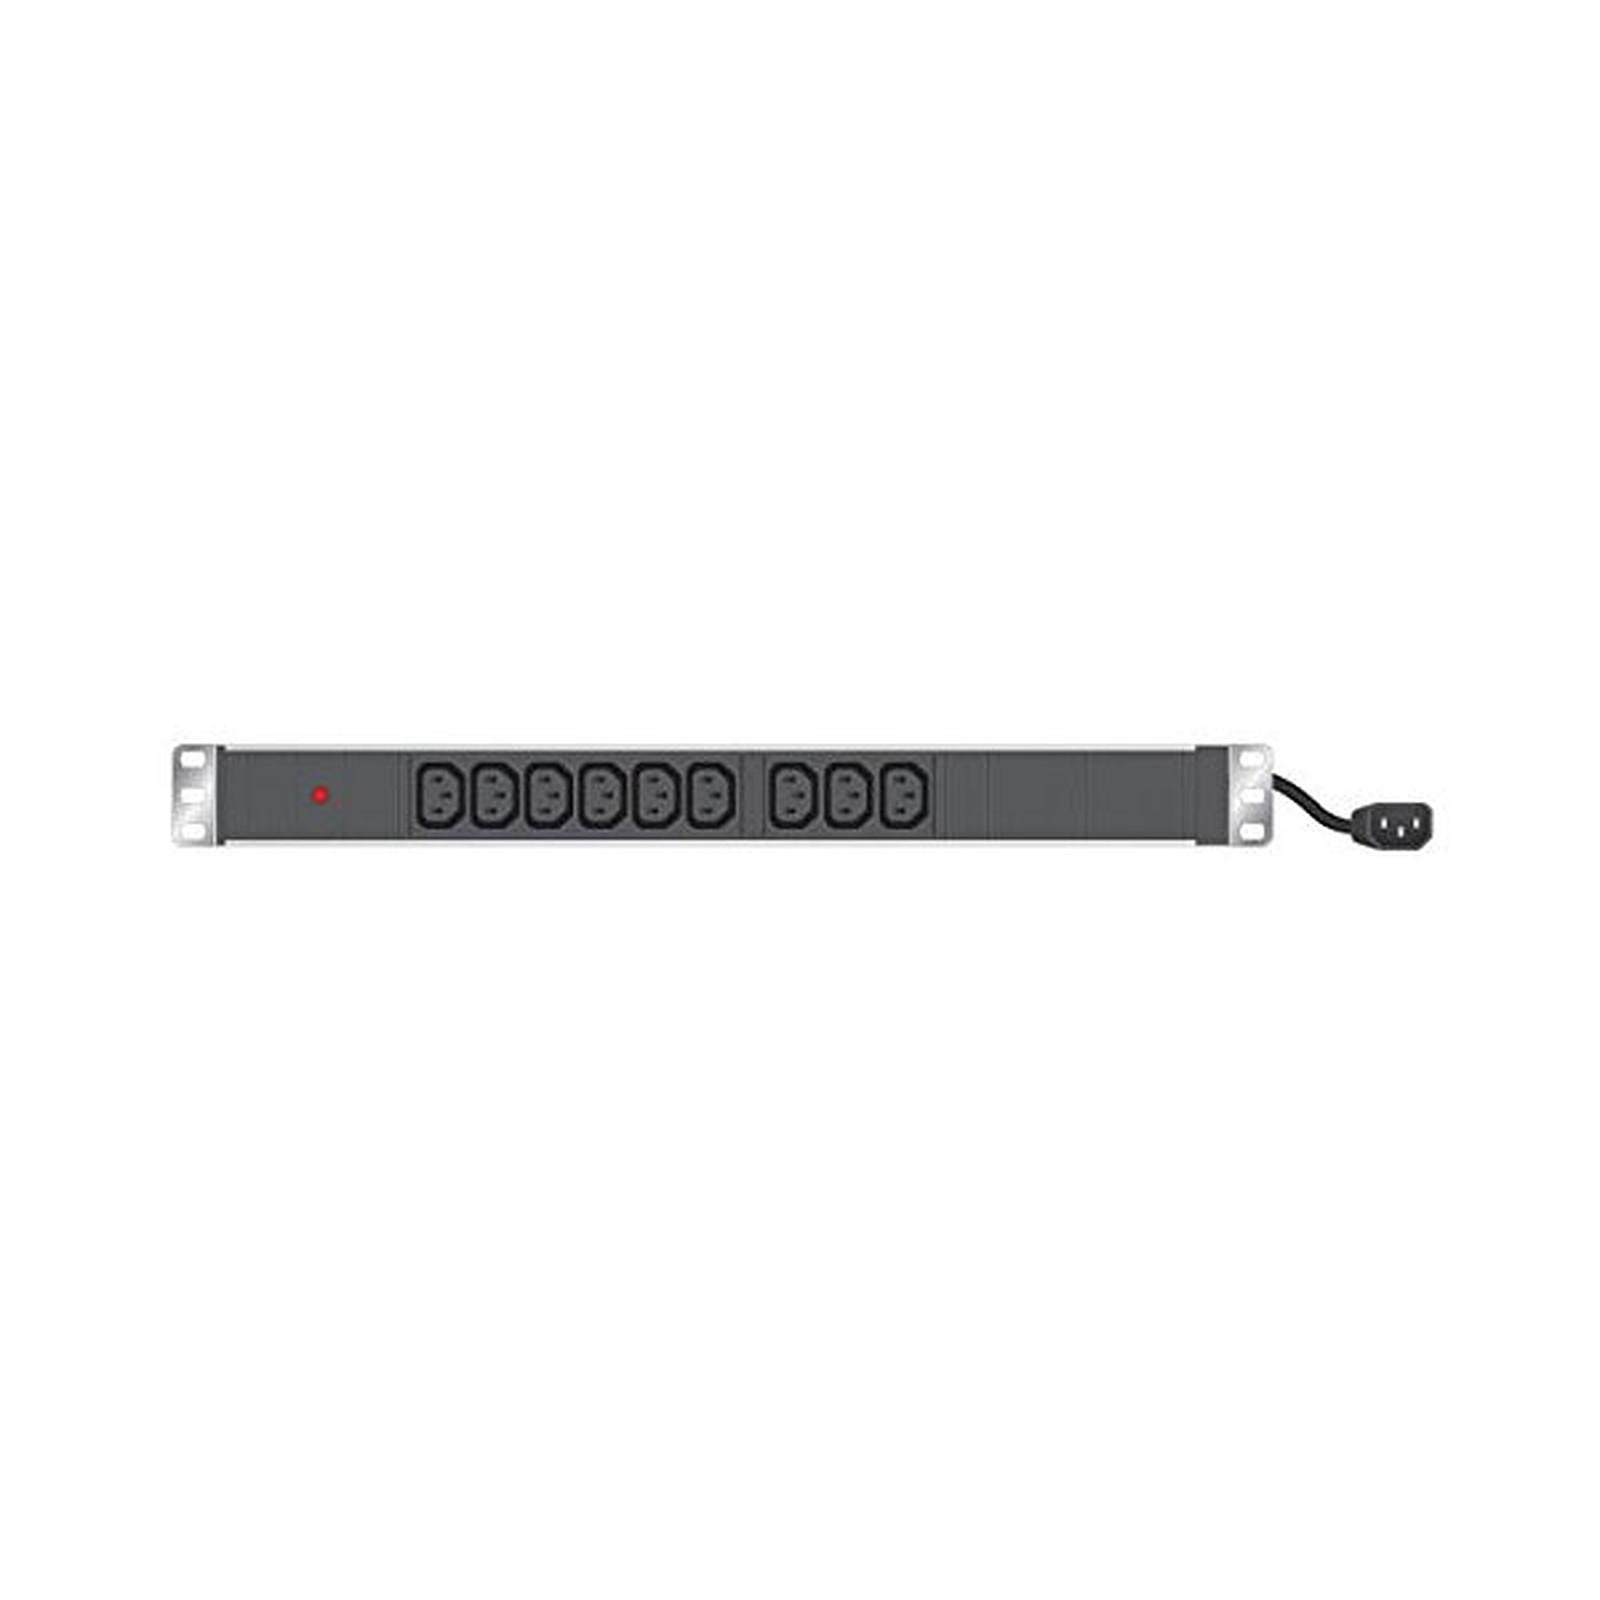 Multiprise rackable pour armoire réseau - longueur 19'' - hauteur 1U  - 9 prises IEC C13 - fiche IEC C14 - voyant lumineux